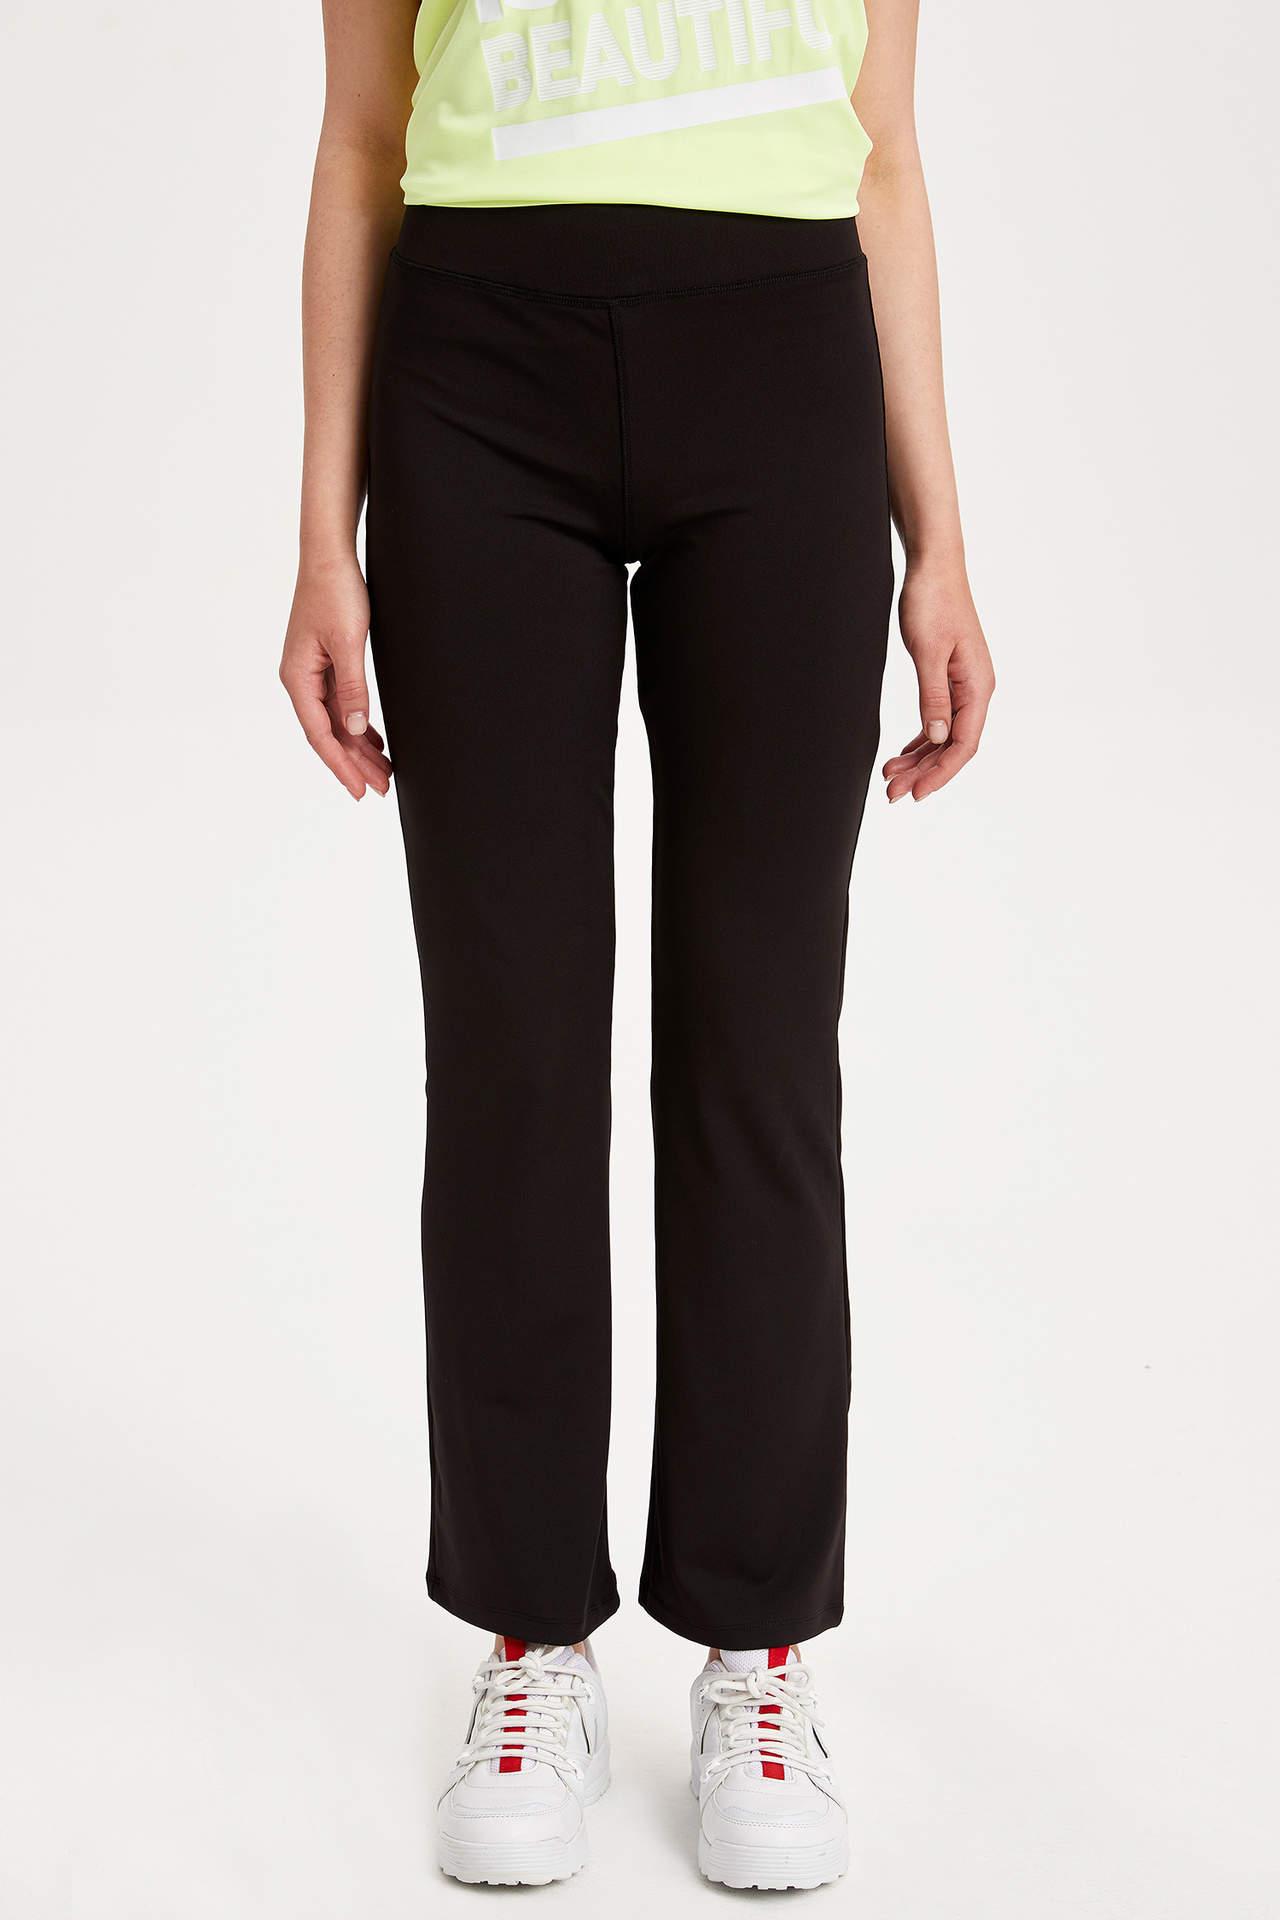 Defacto Kadın Yoga Pantolonu